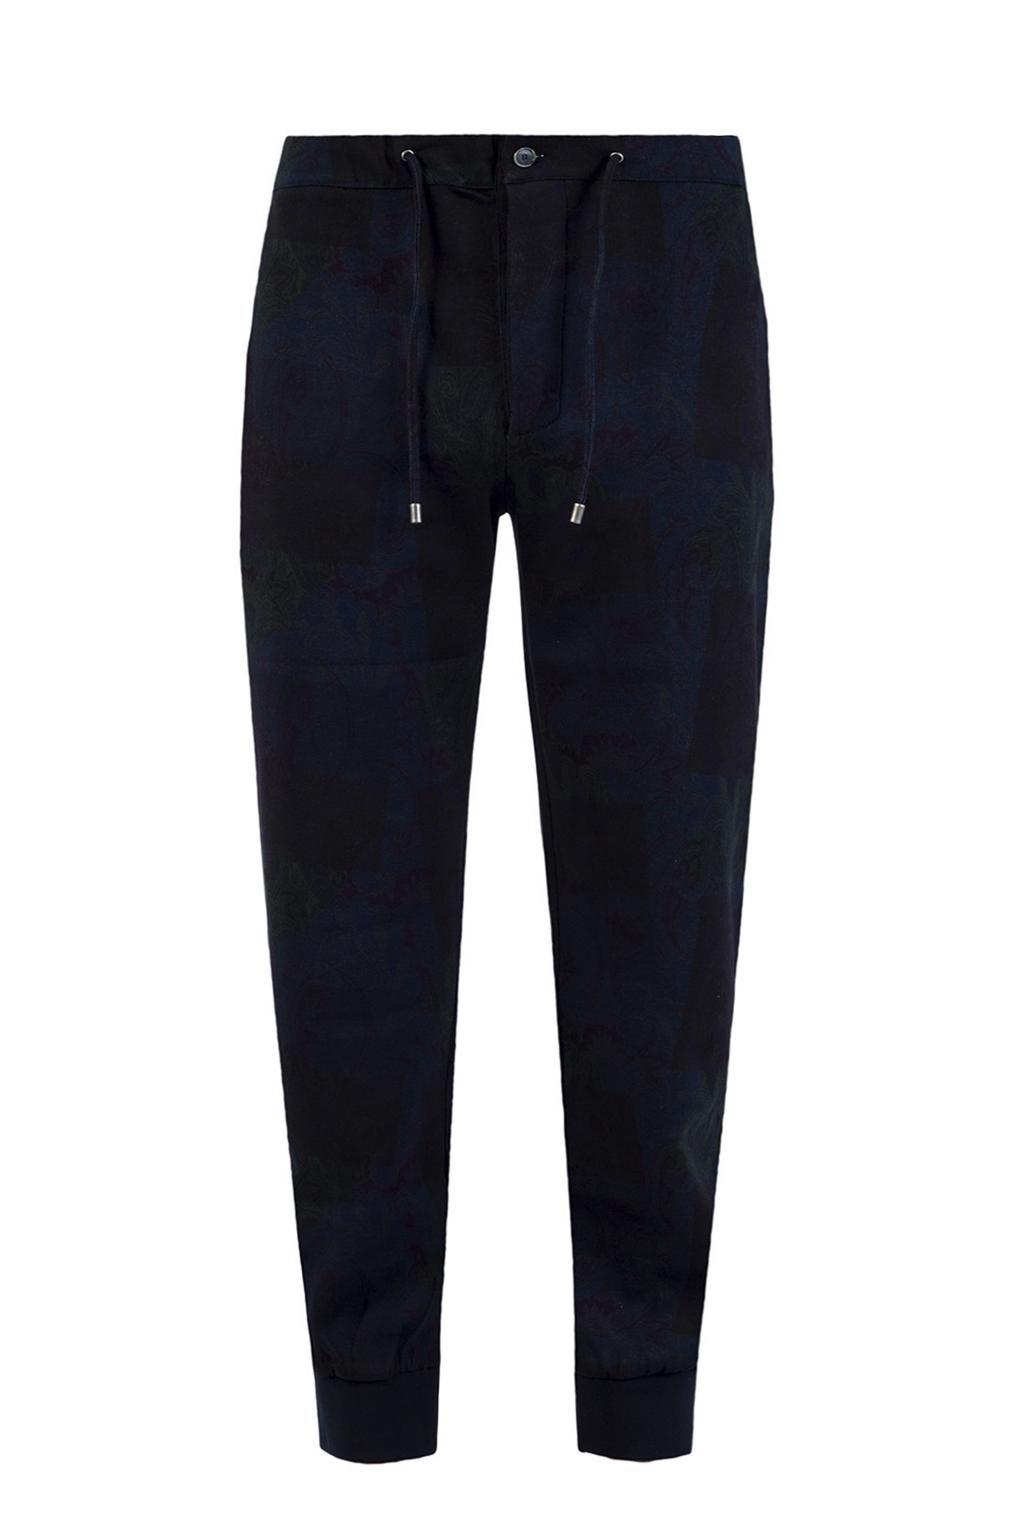 Etro Paisley pattern sweatpants